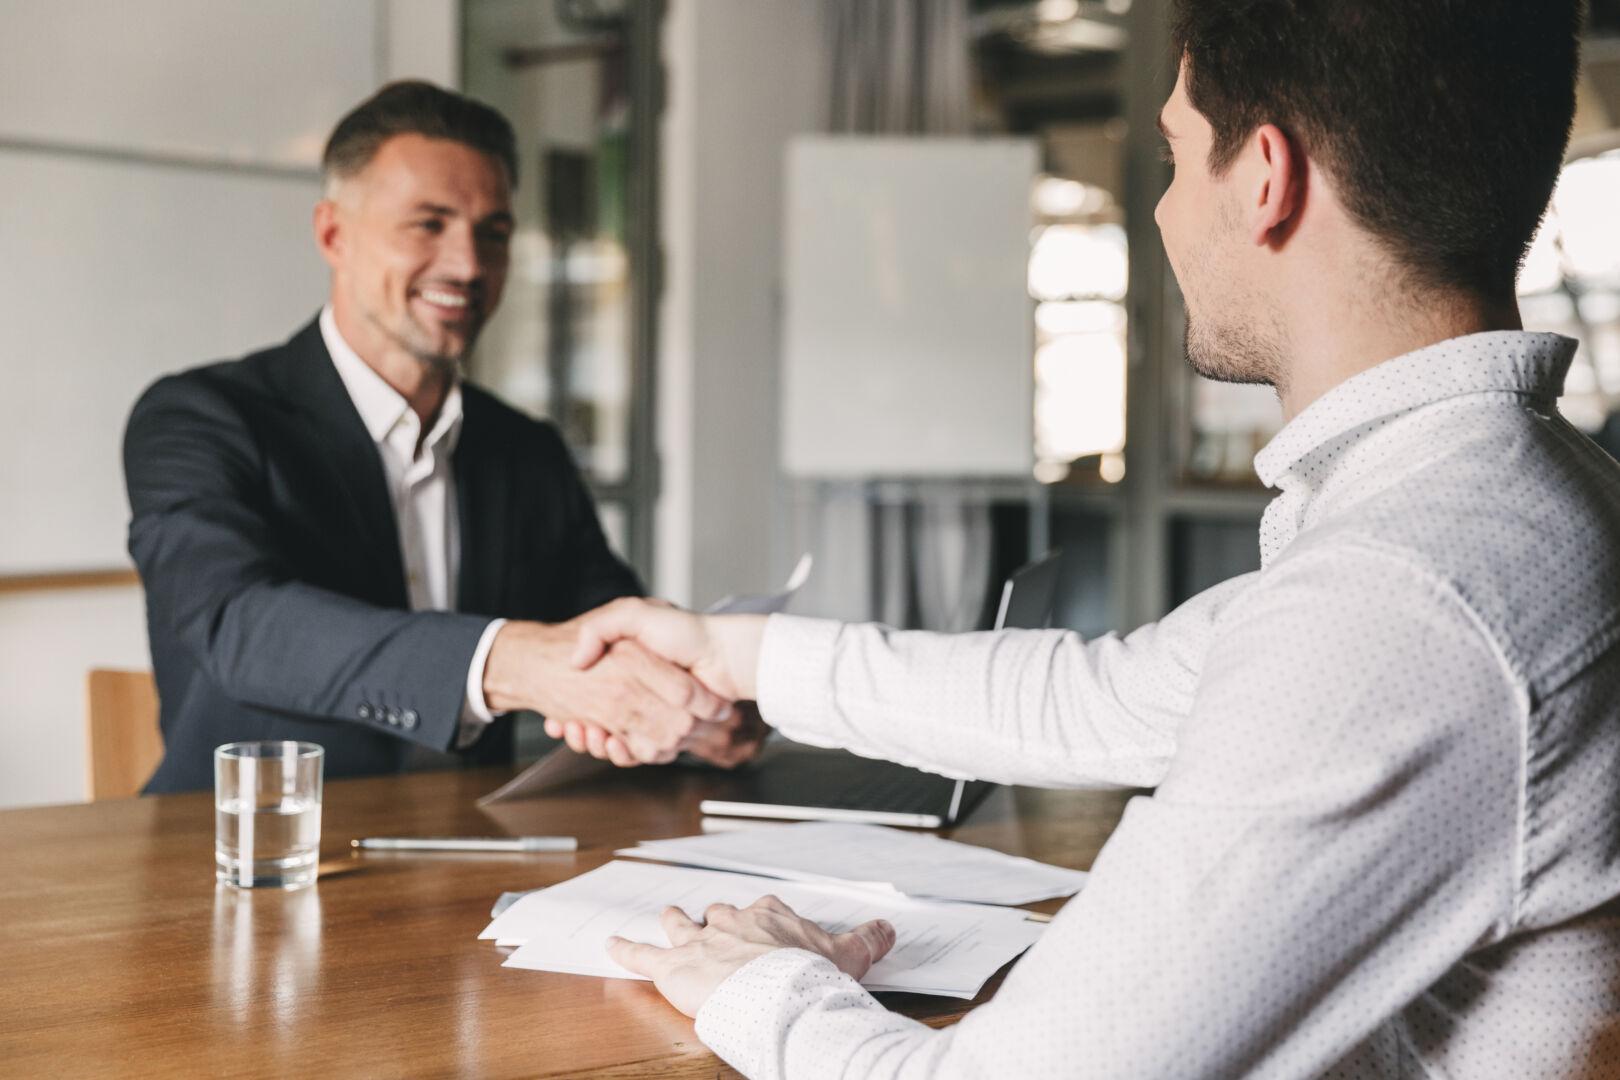 Laforêt lance un vaste plan de recrutement pour trouver 1 300 collaborateurs